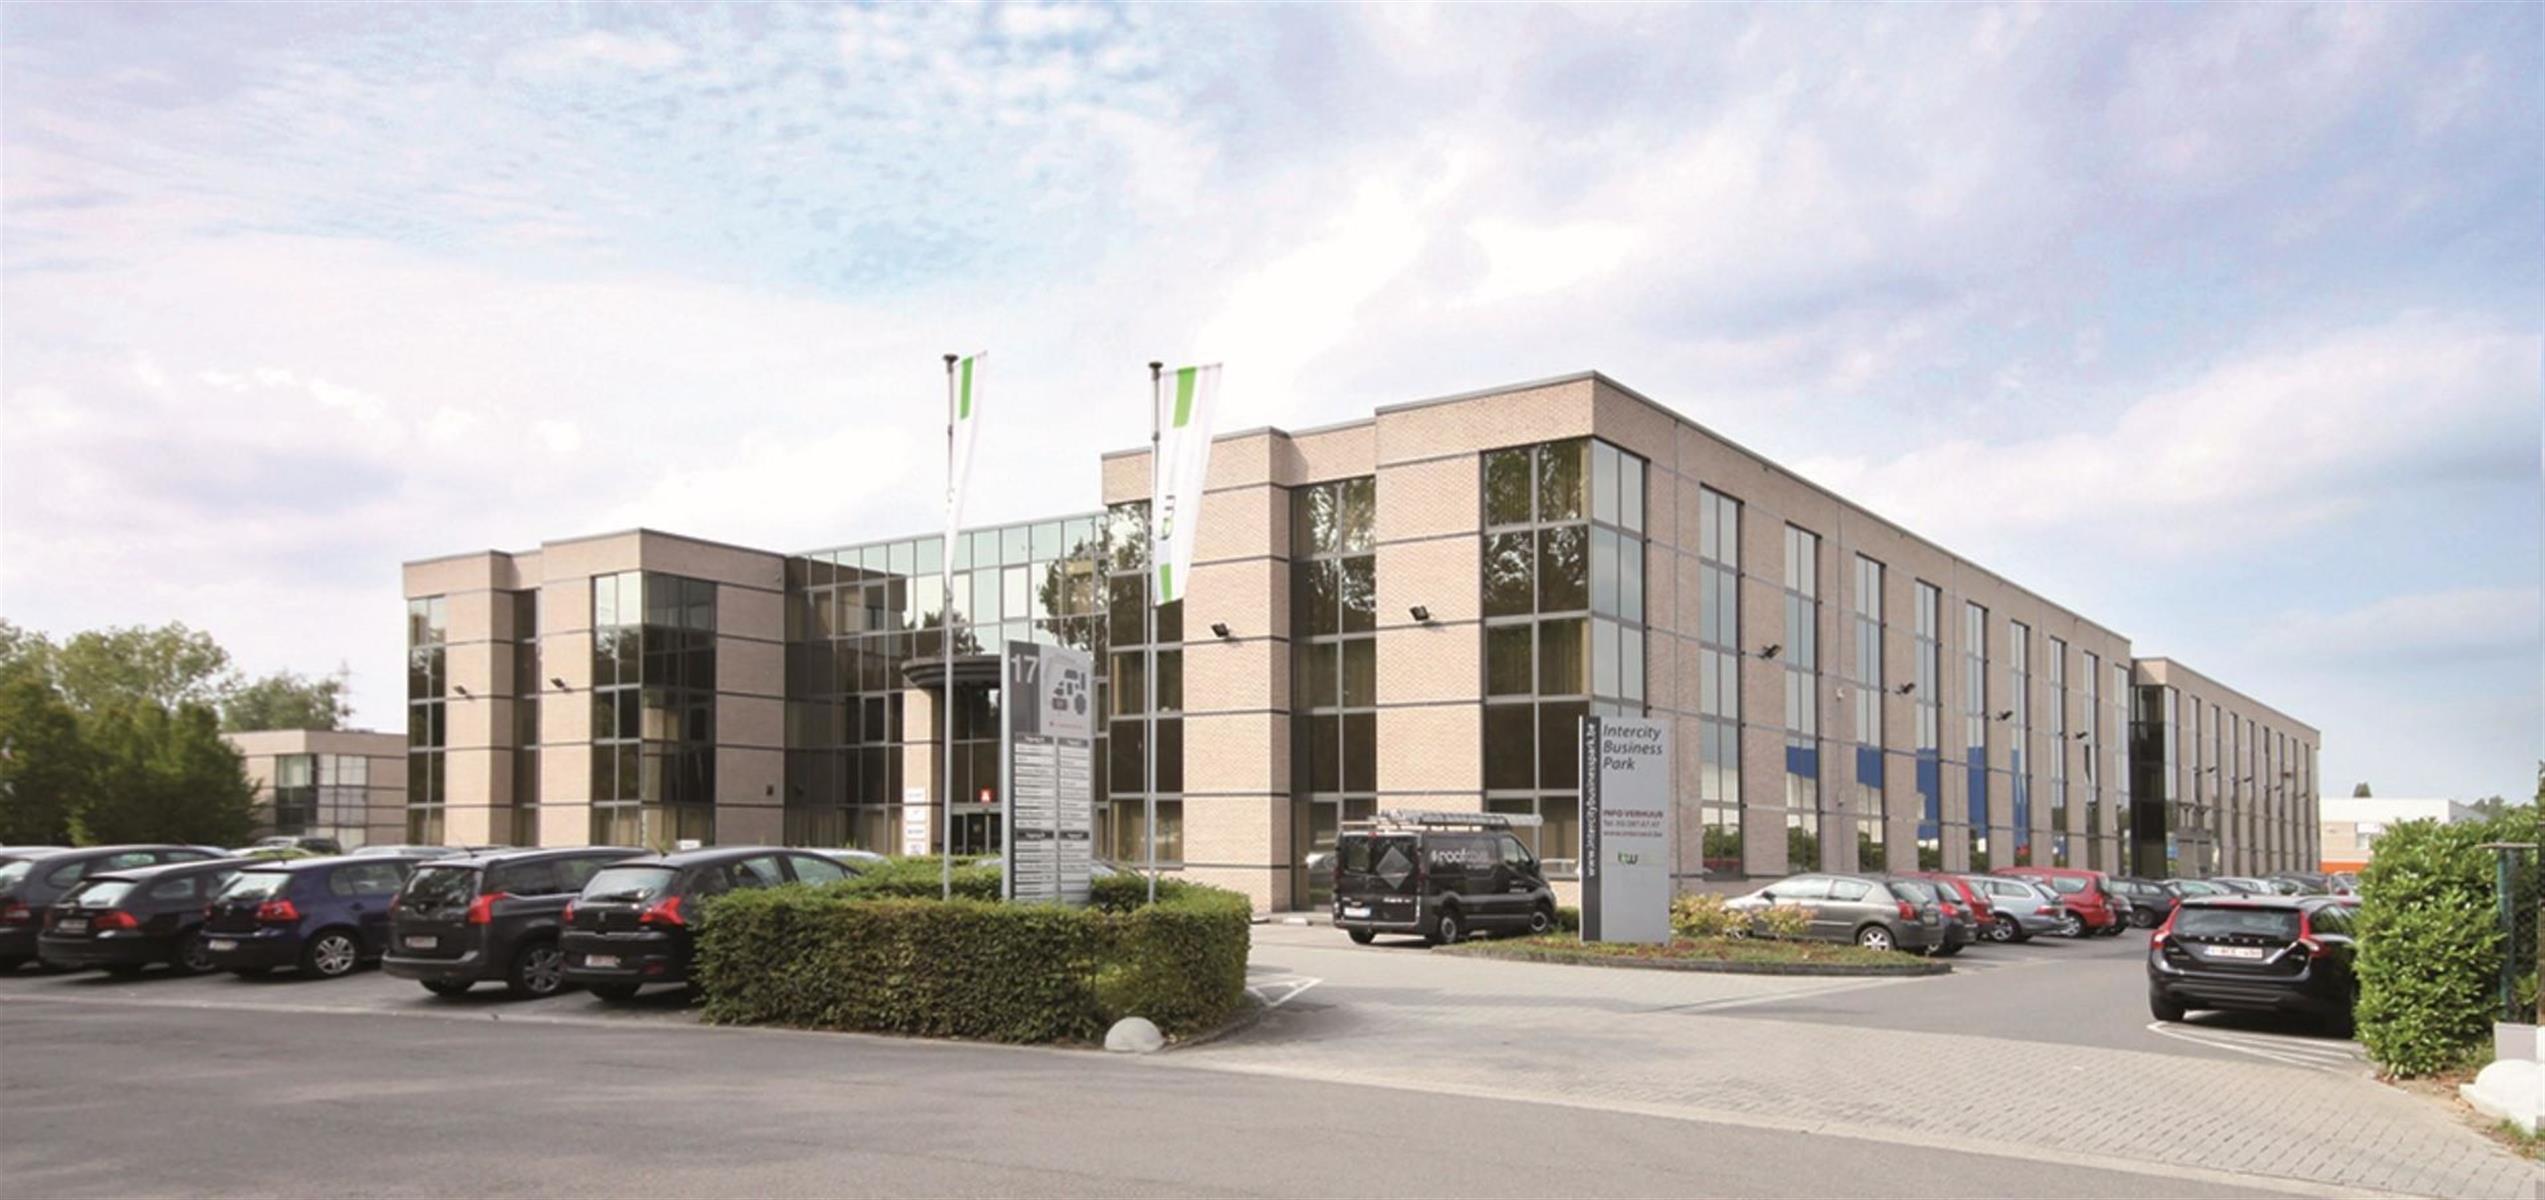 kantoor te huur I126 - Kantoor - Generaal de Wittelaan 17, 2800 Mechelen, België 1